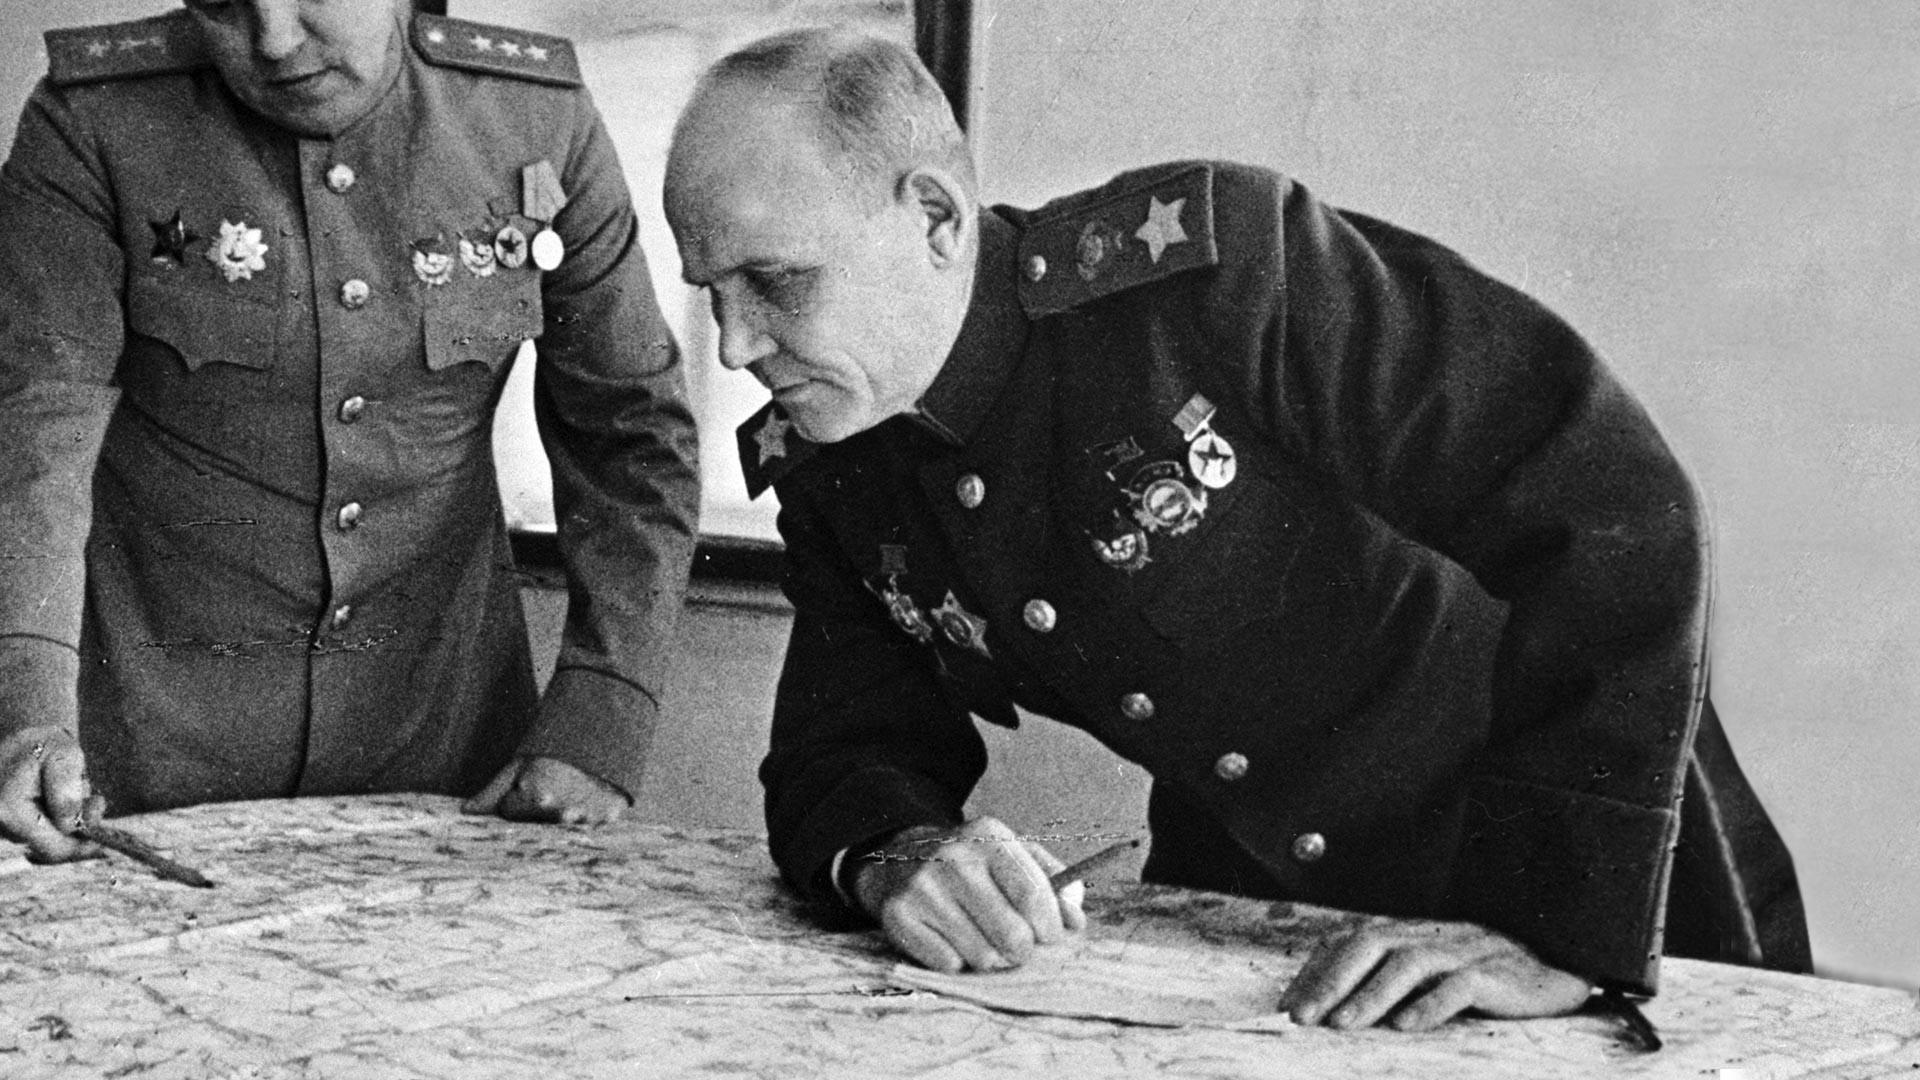 Il comandante del 2° Fronte Ucraino Ivan Stepanovich Konev studia una mappa delle operazioni militari, Ucraina